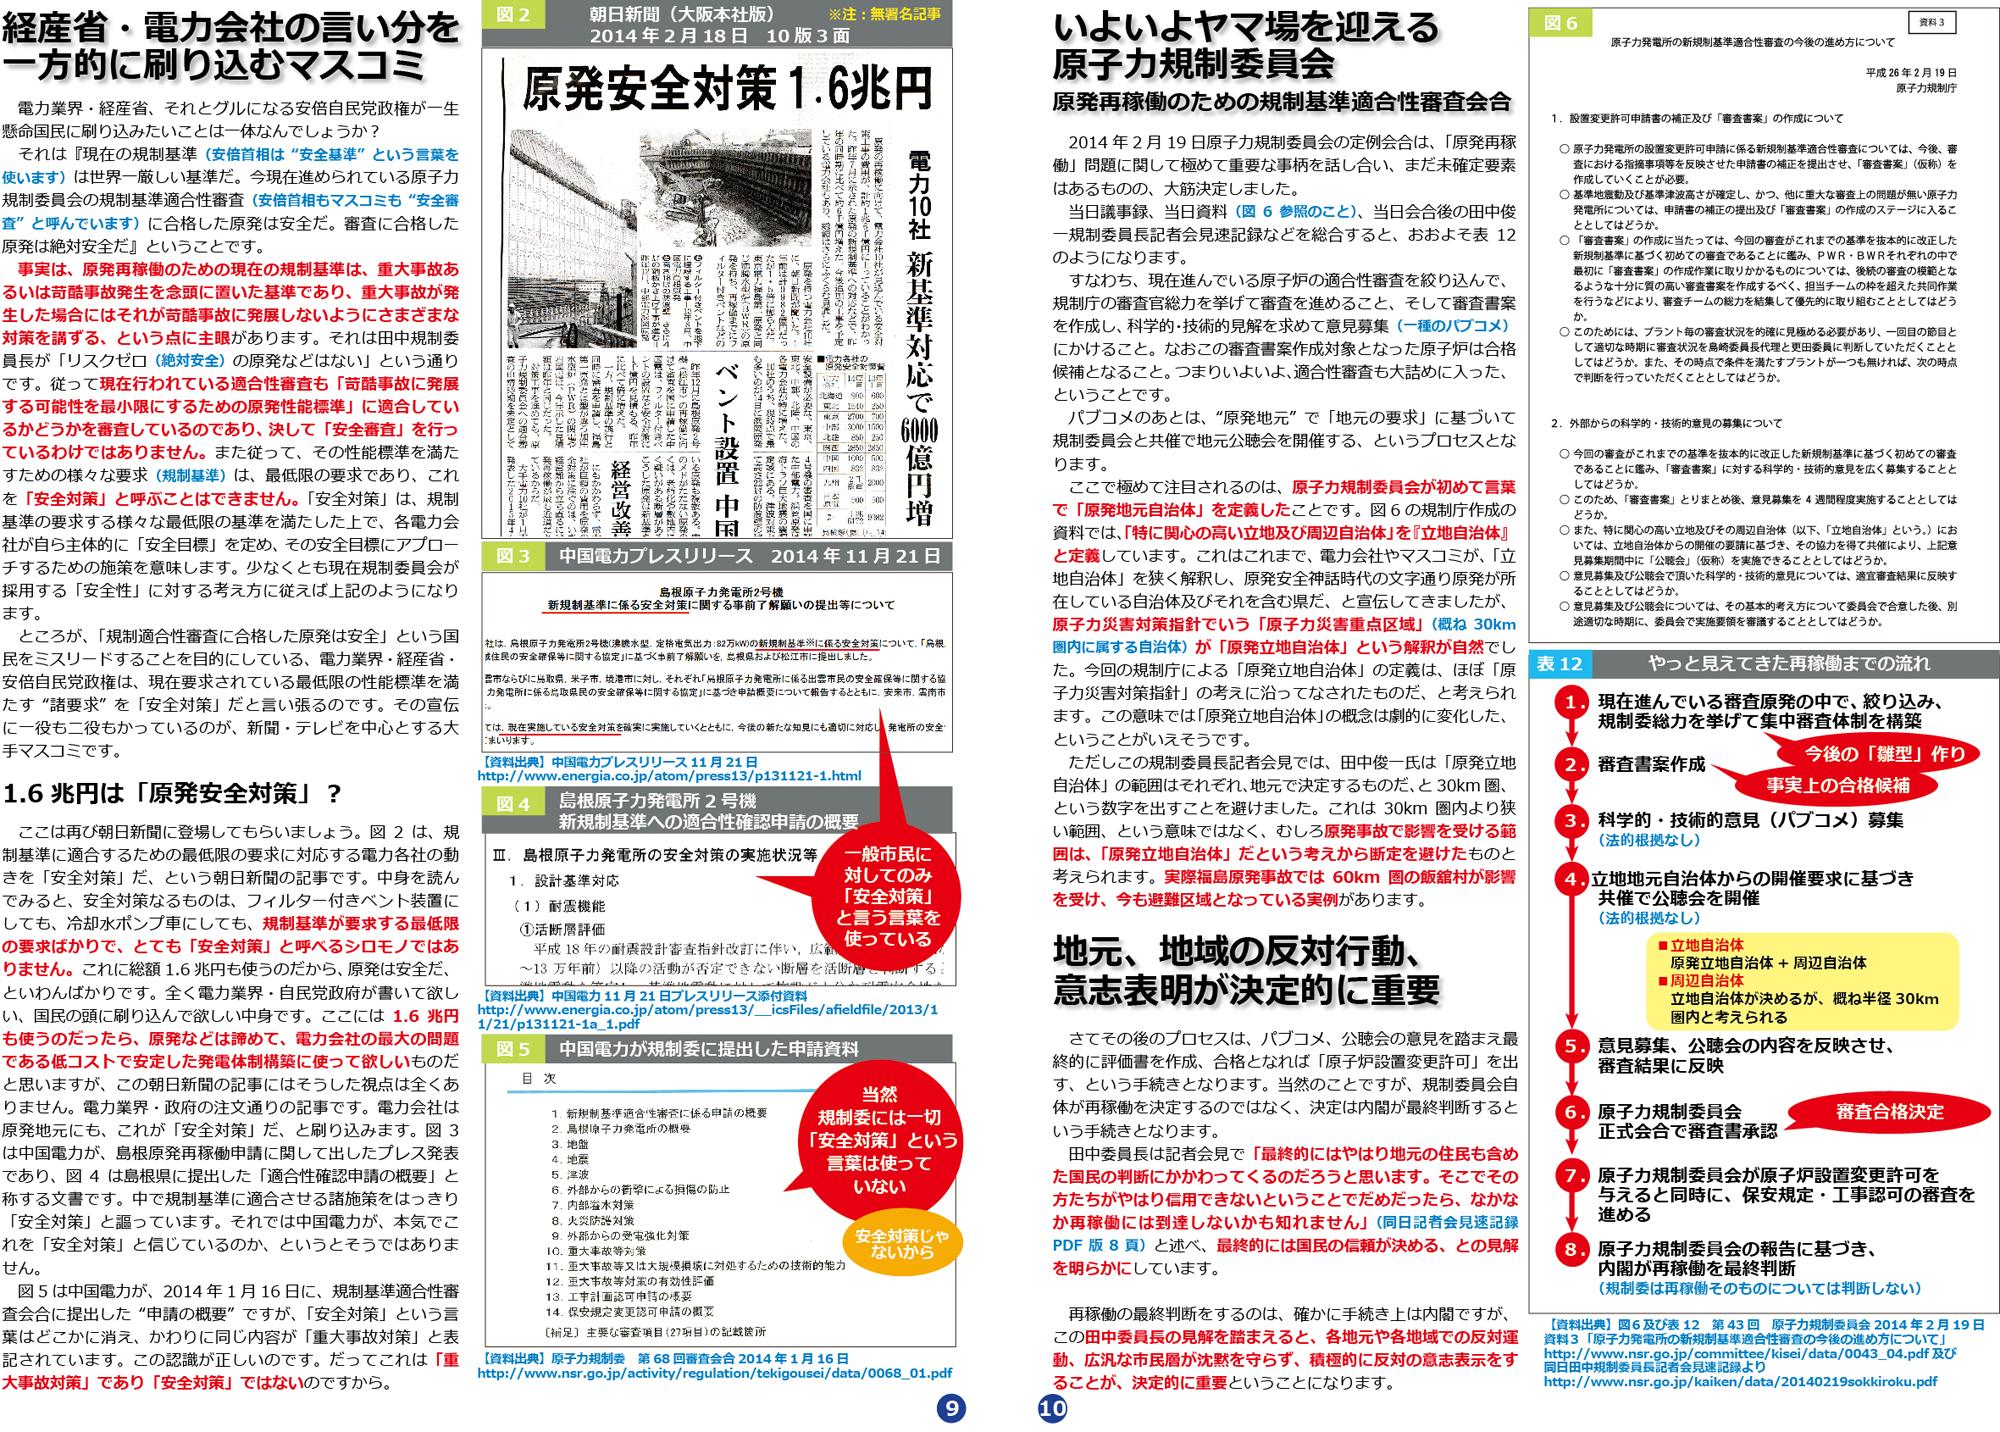 ファイル 264-5.jpg